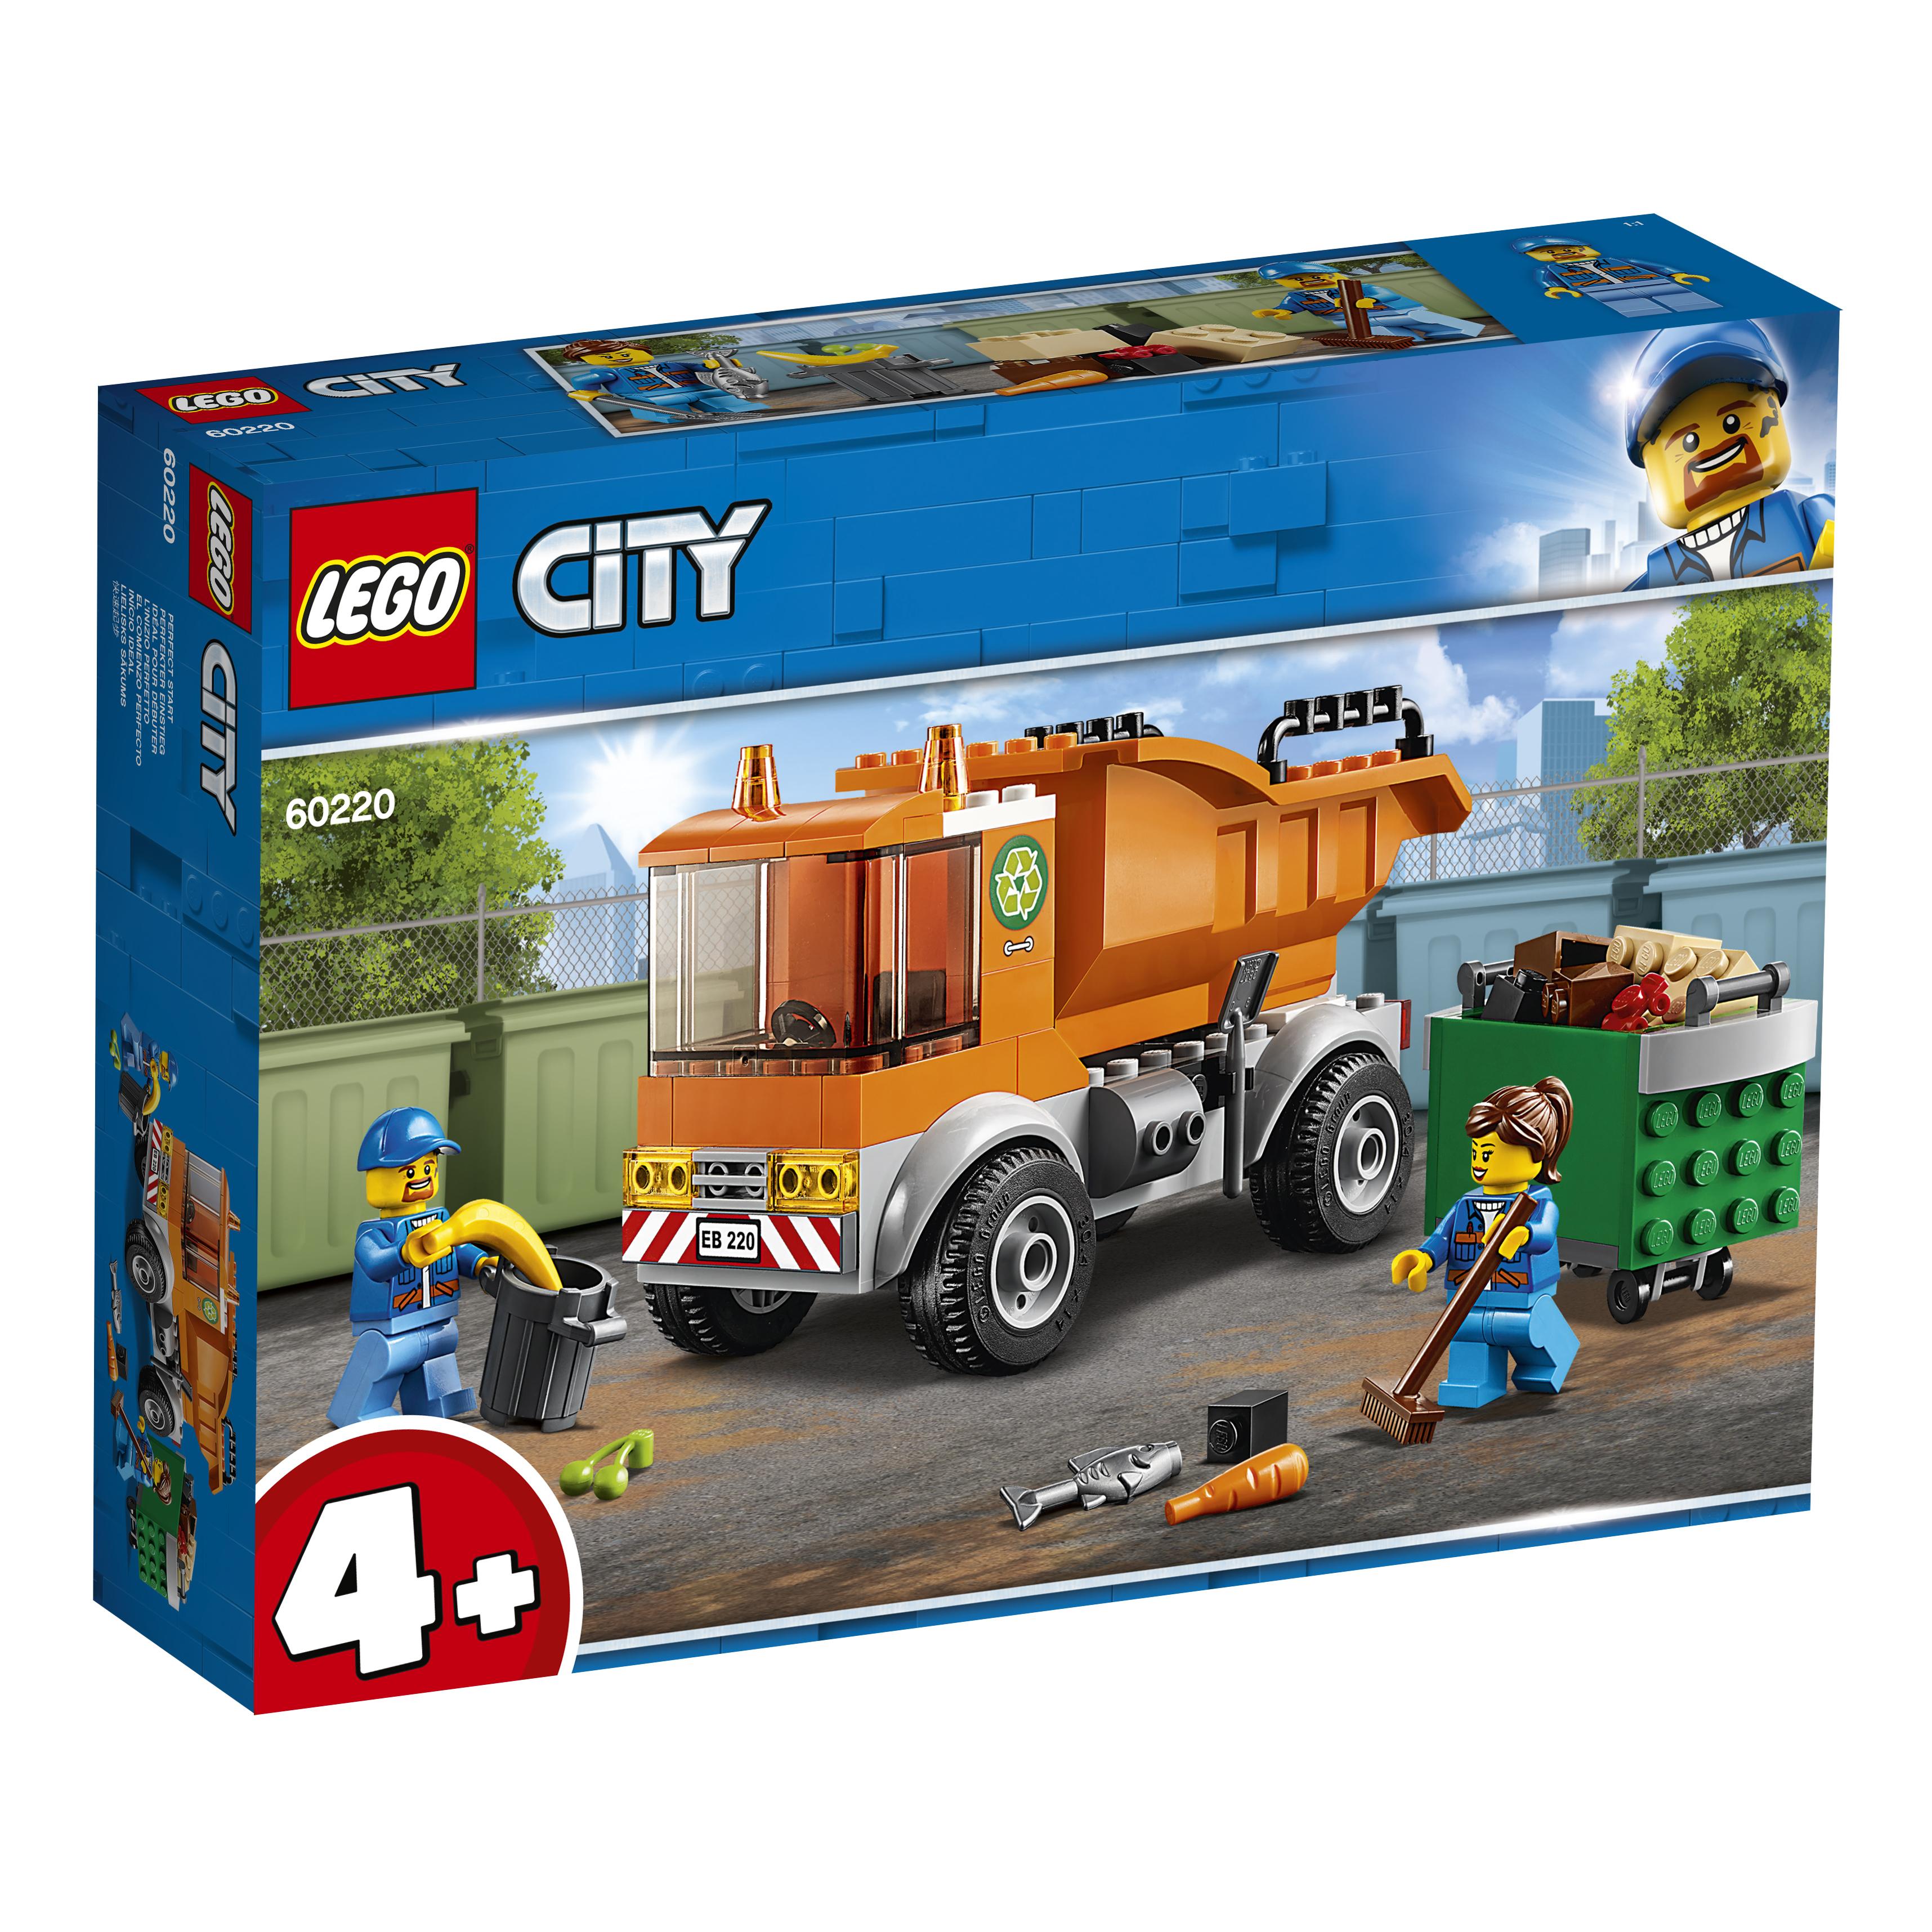 Конструктор LEGO City Great Vehicles 60220 Мусоровоз lego city great vehicles конструктор реактивный самолет 60177